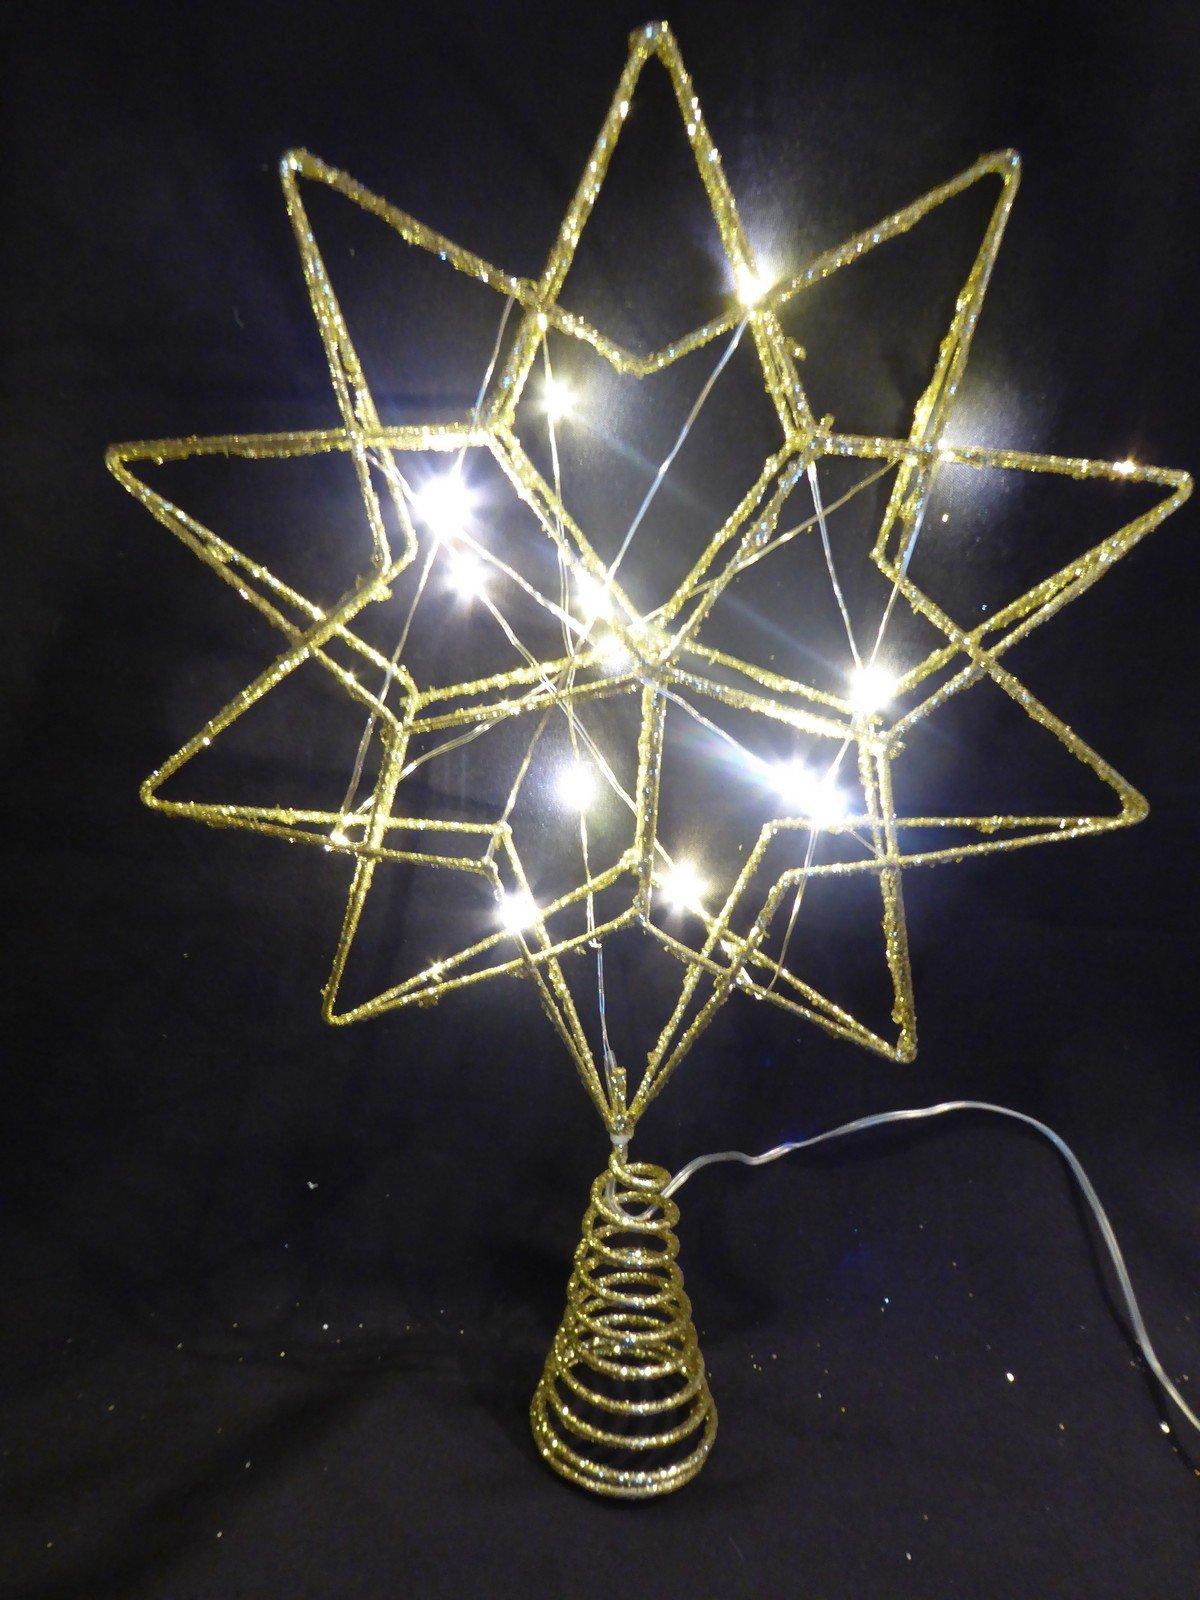 UK-Gardens-Weihnachtsschmuck-Stern-35-cm-gro-batteriebetrieben-LED-beleuchtet-Gold-Glitzer-fr-den-Innenbereich-als-Christbaumspitze-geeignet